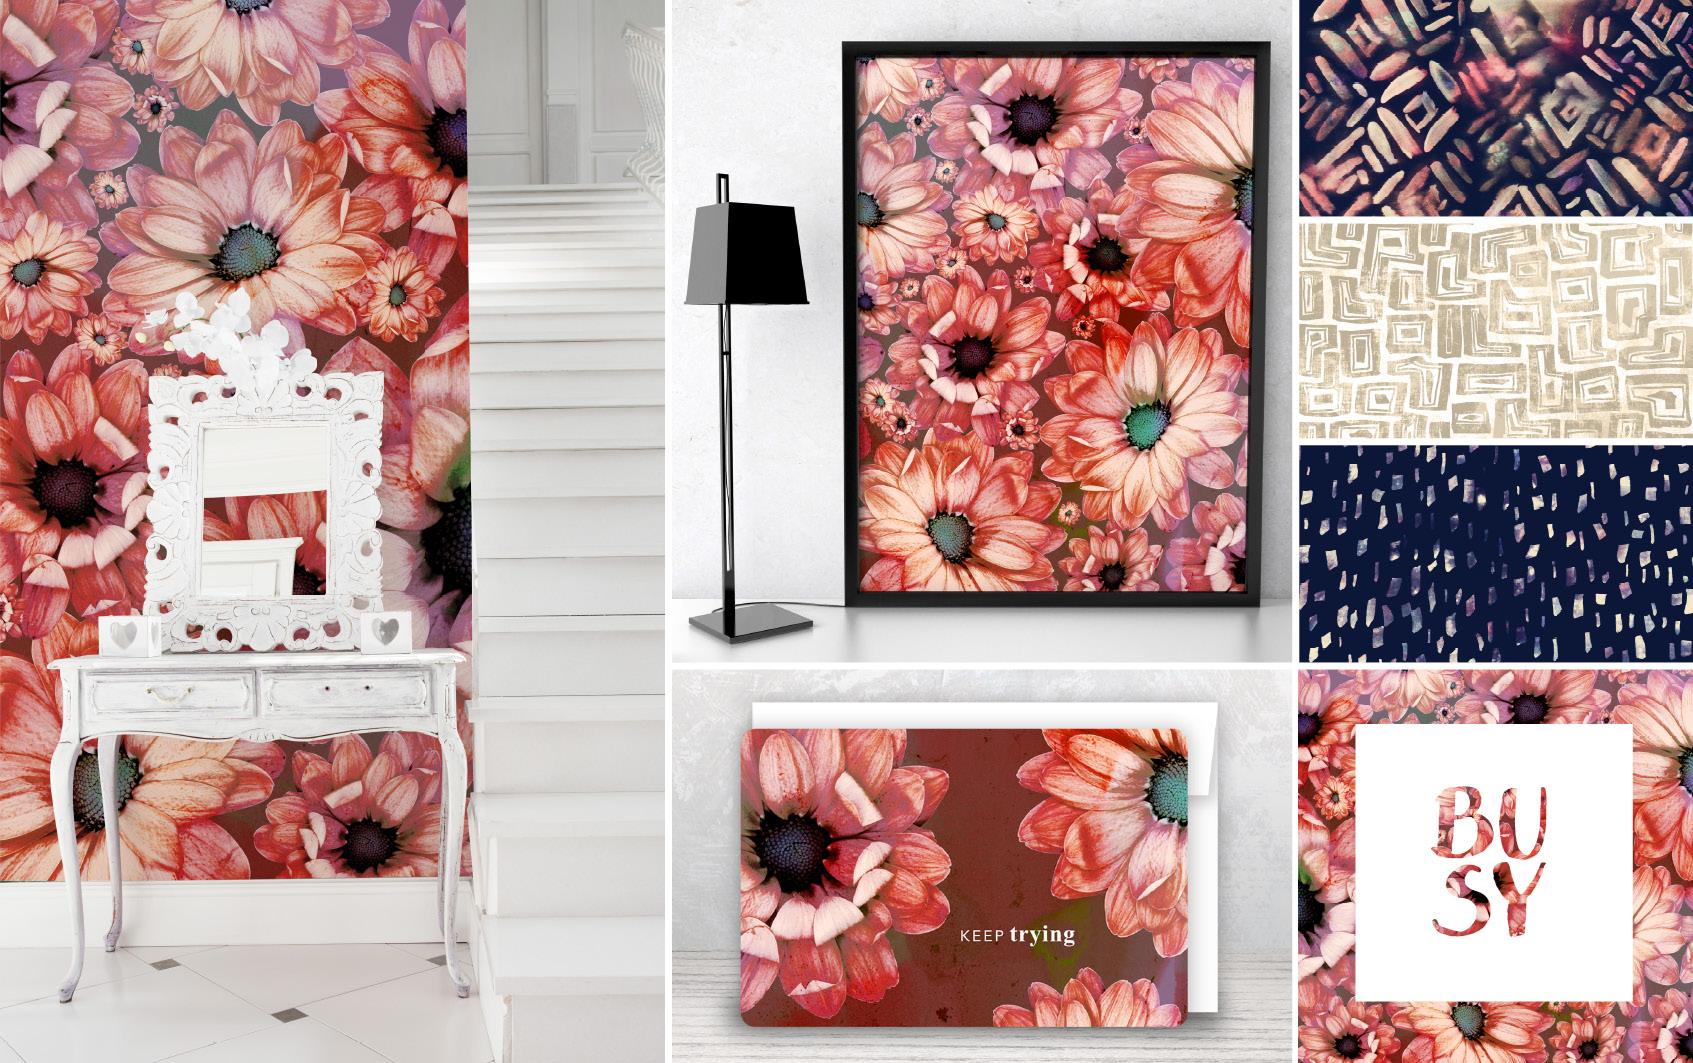 SusanneKasielke-collections-010.jpg